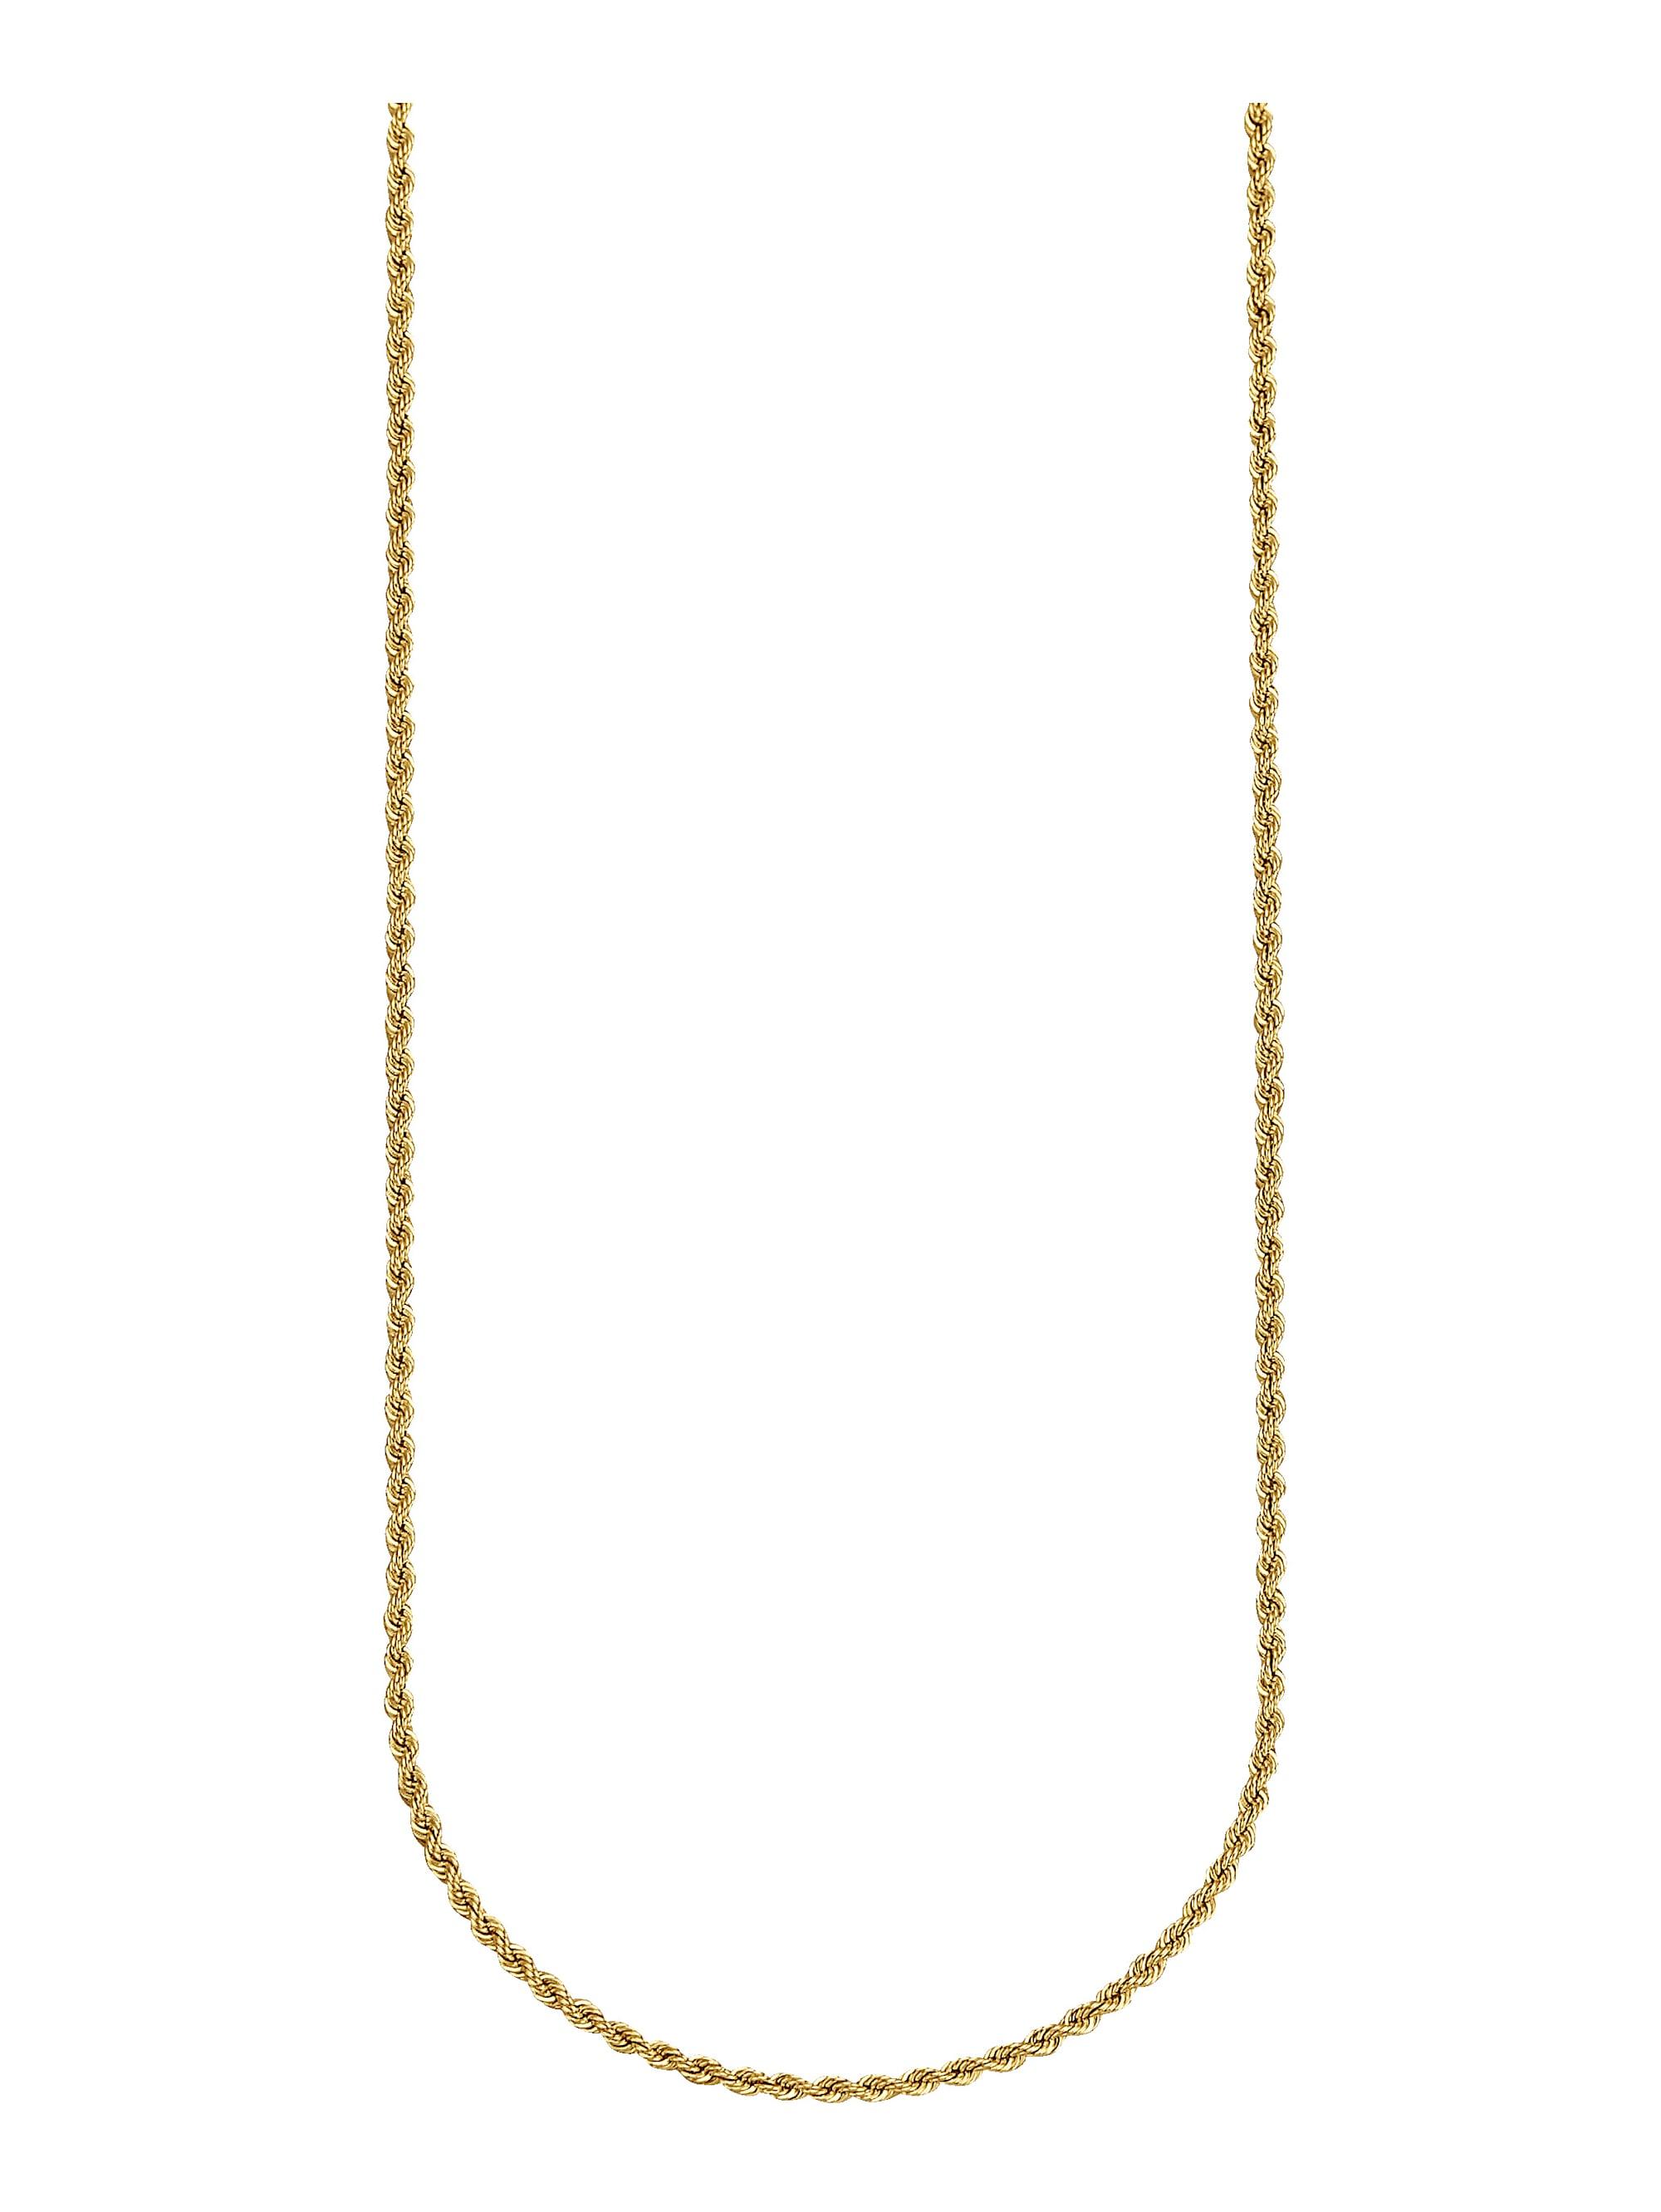 Diemer Highlights Kordelkette in Gelbgold 750 lWyJD